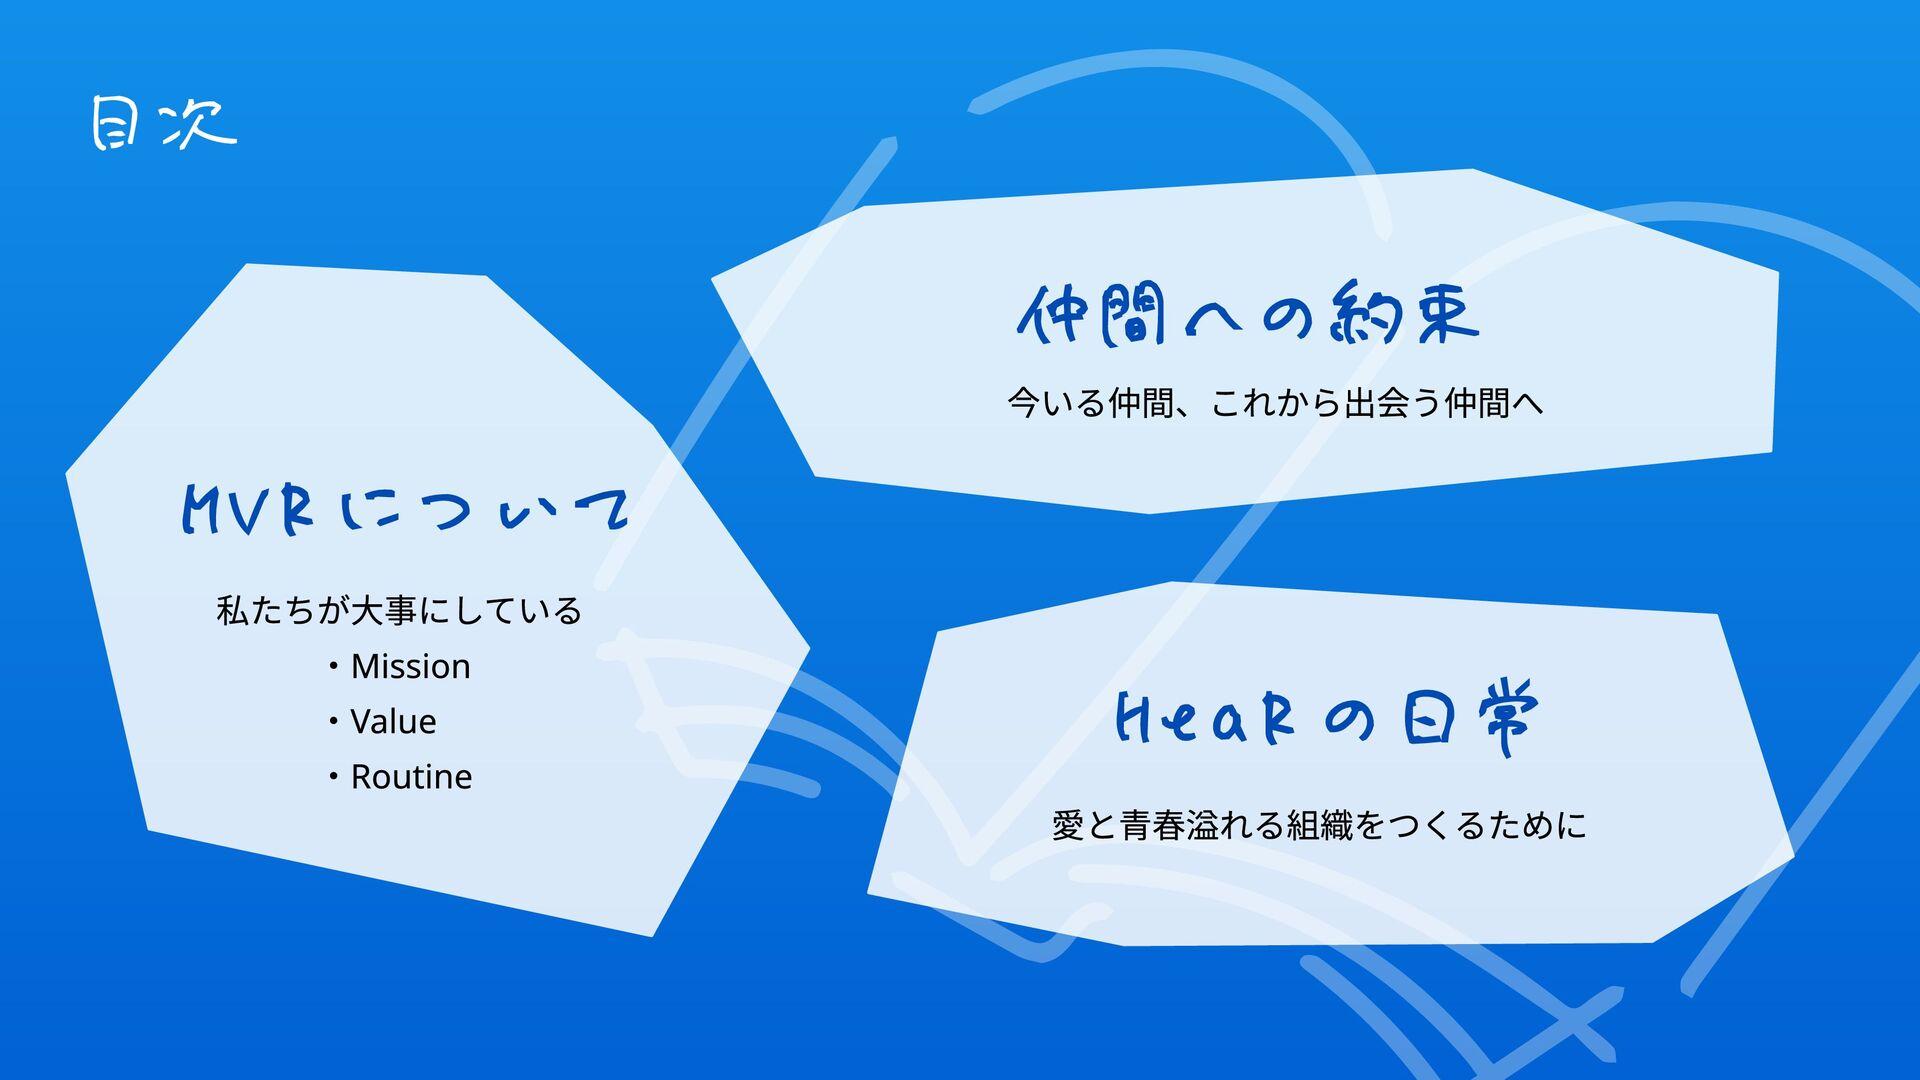 Culture Deck ⽬次 01 ミッション 02 バリュー 03 習慣(働き⽅) 04 ...